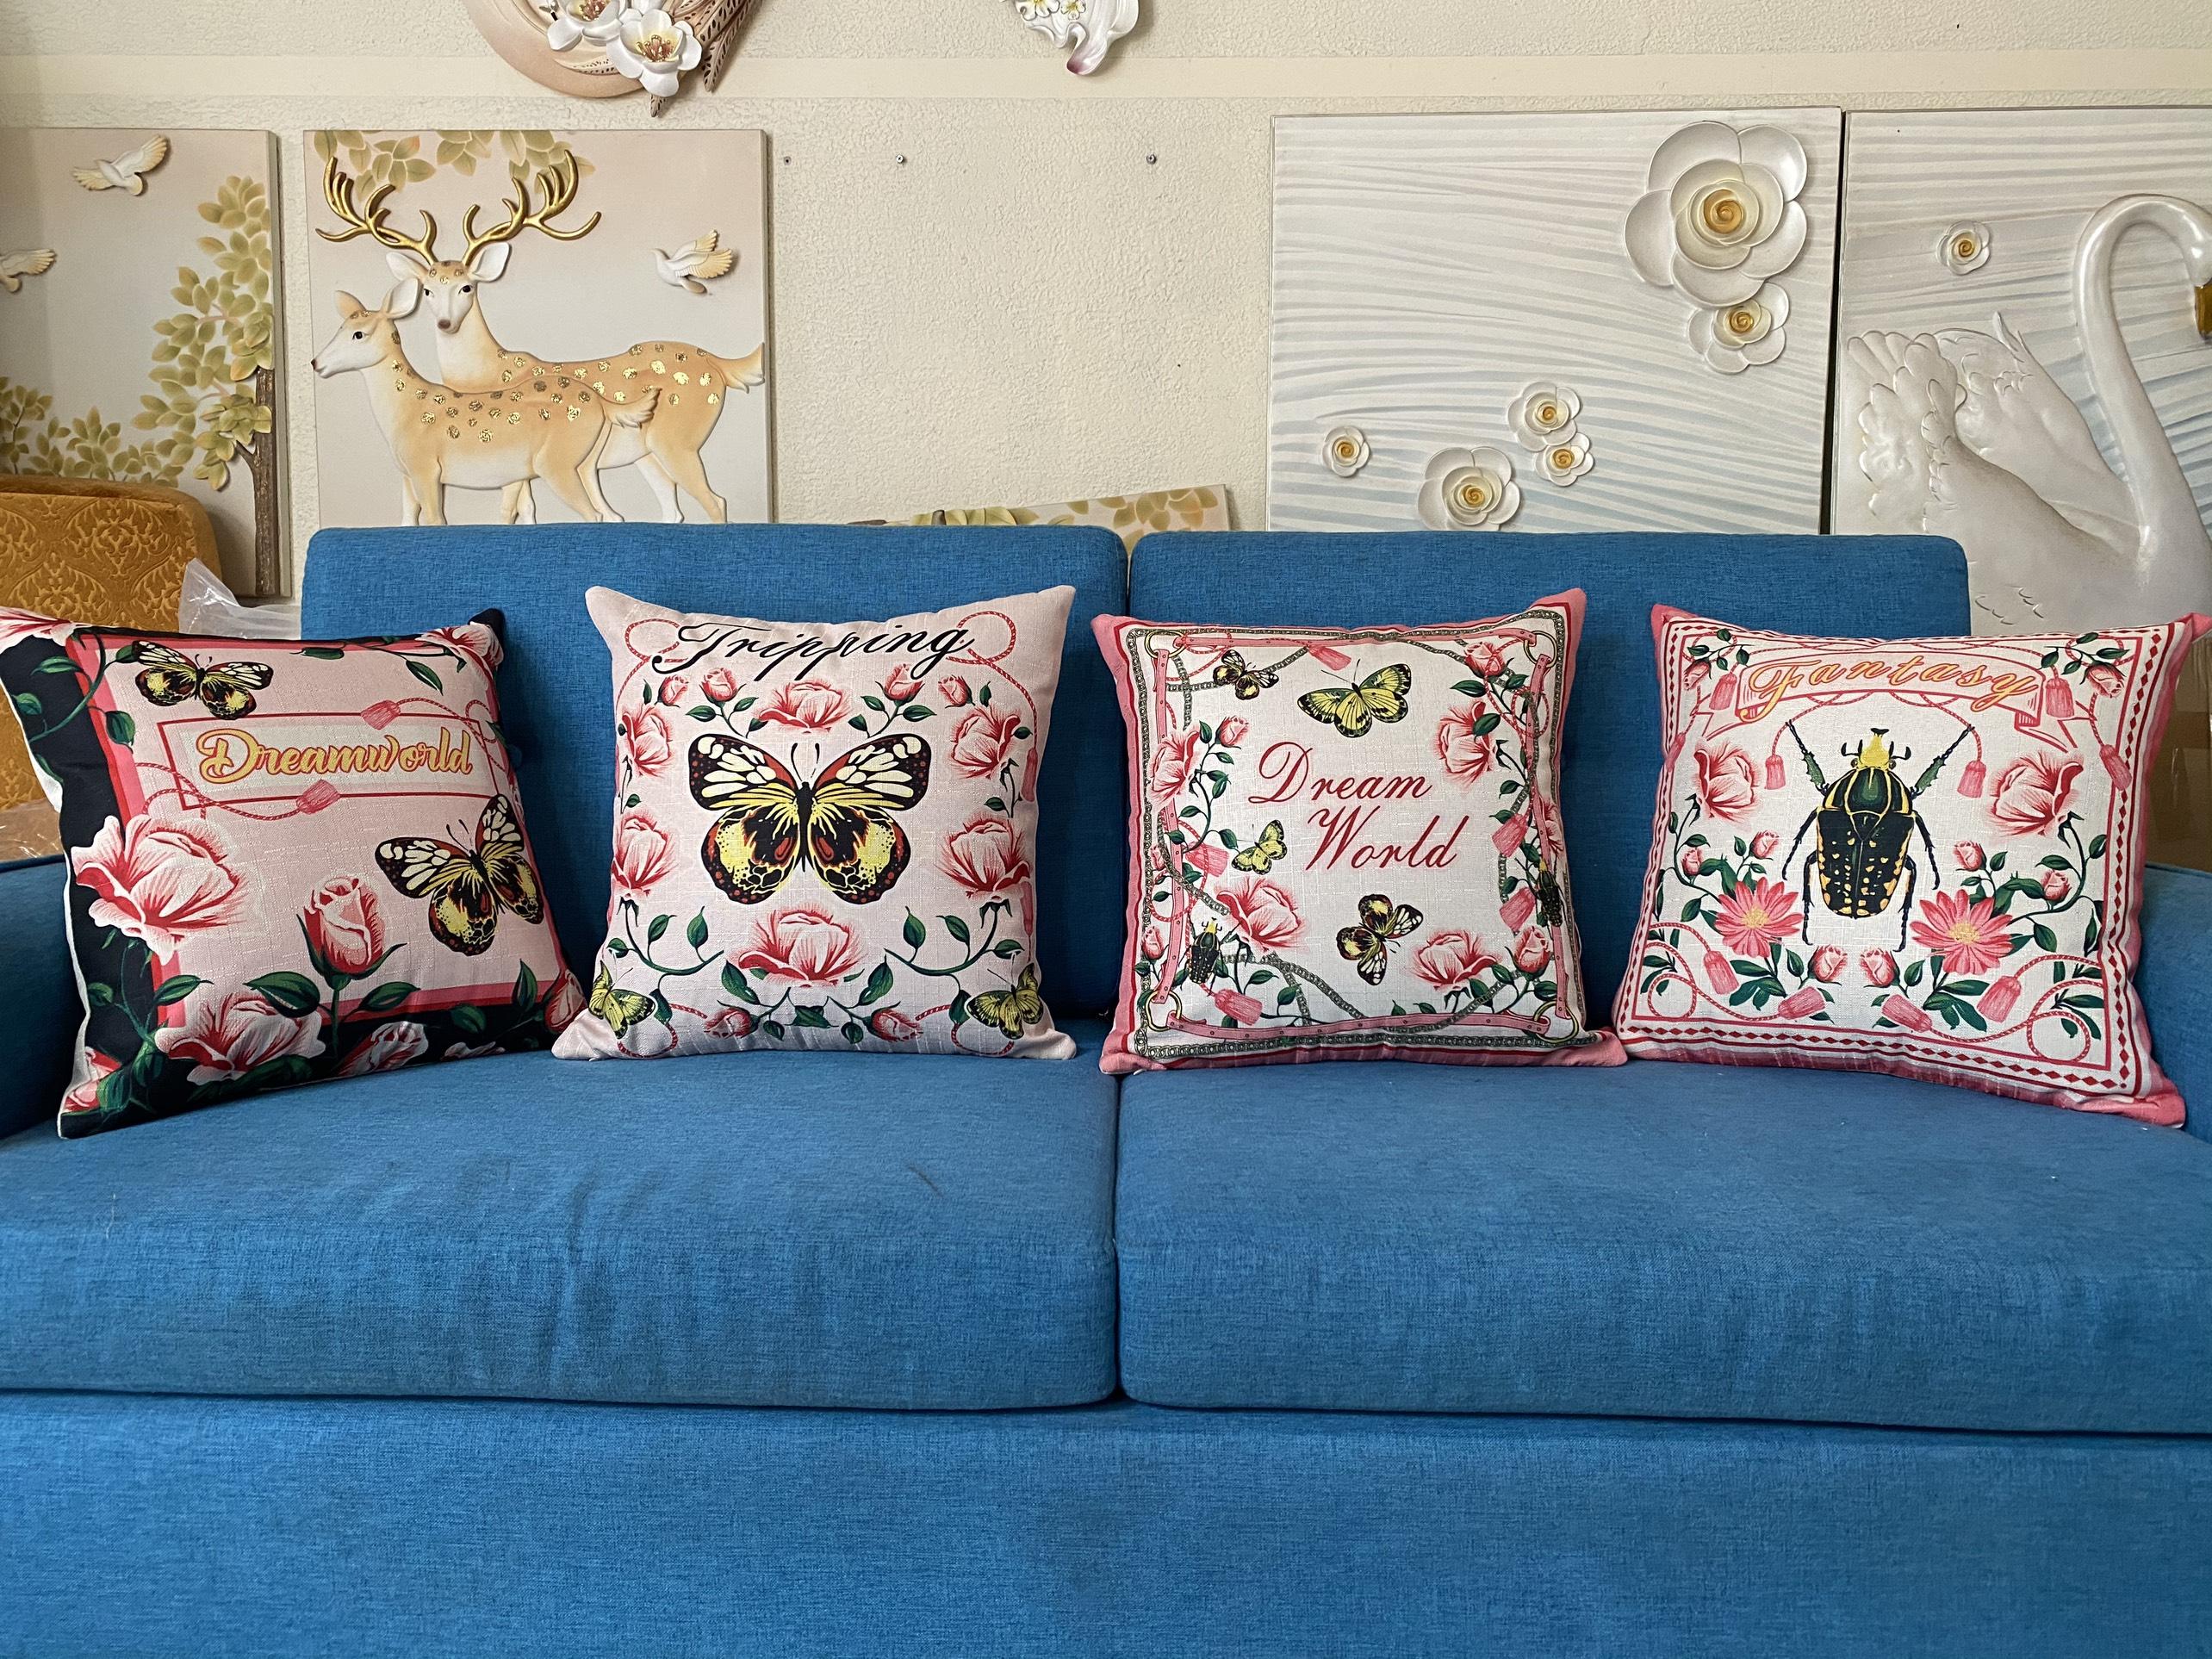 gối tựa lưng, gối sofa, gối trang trí